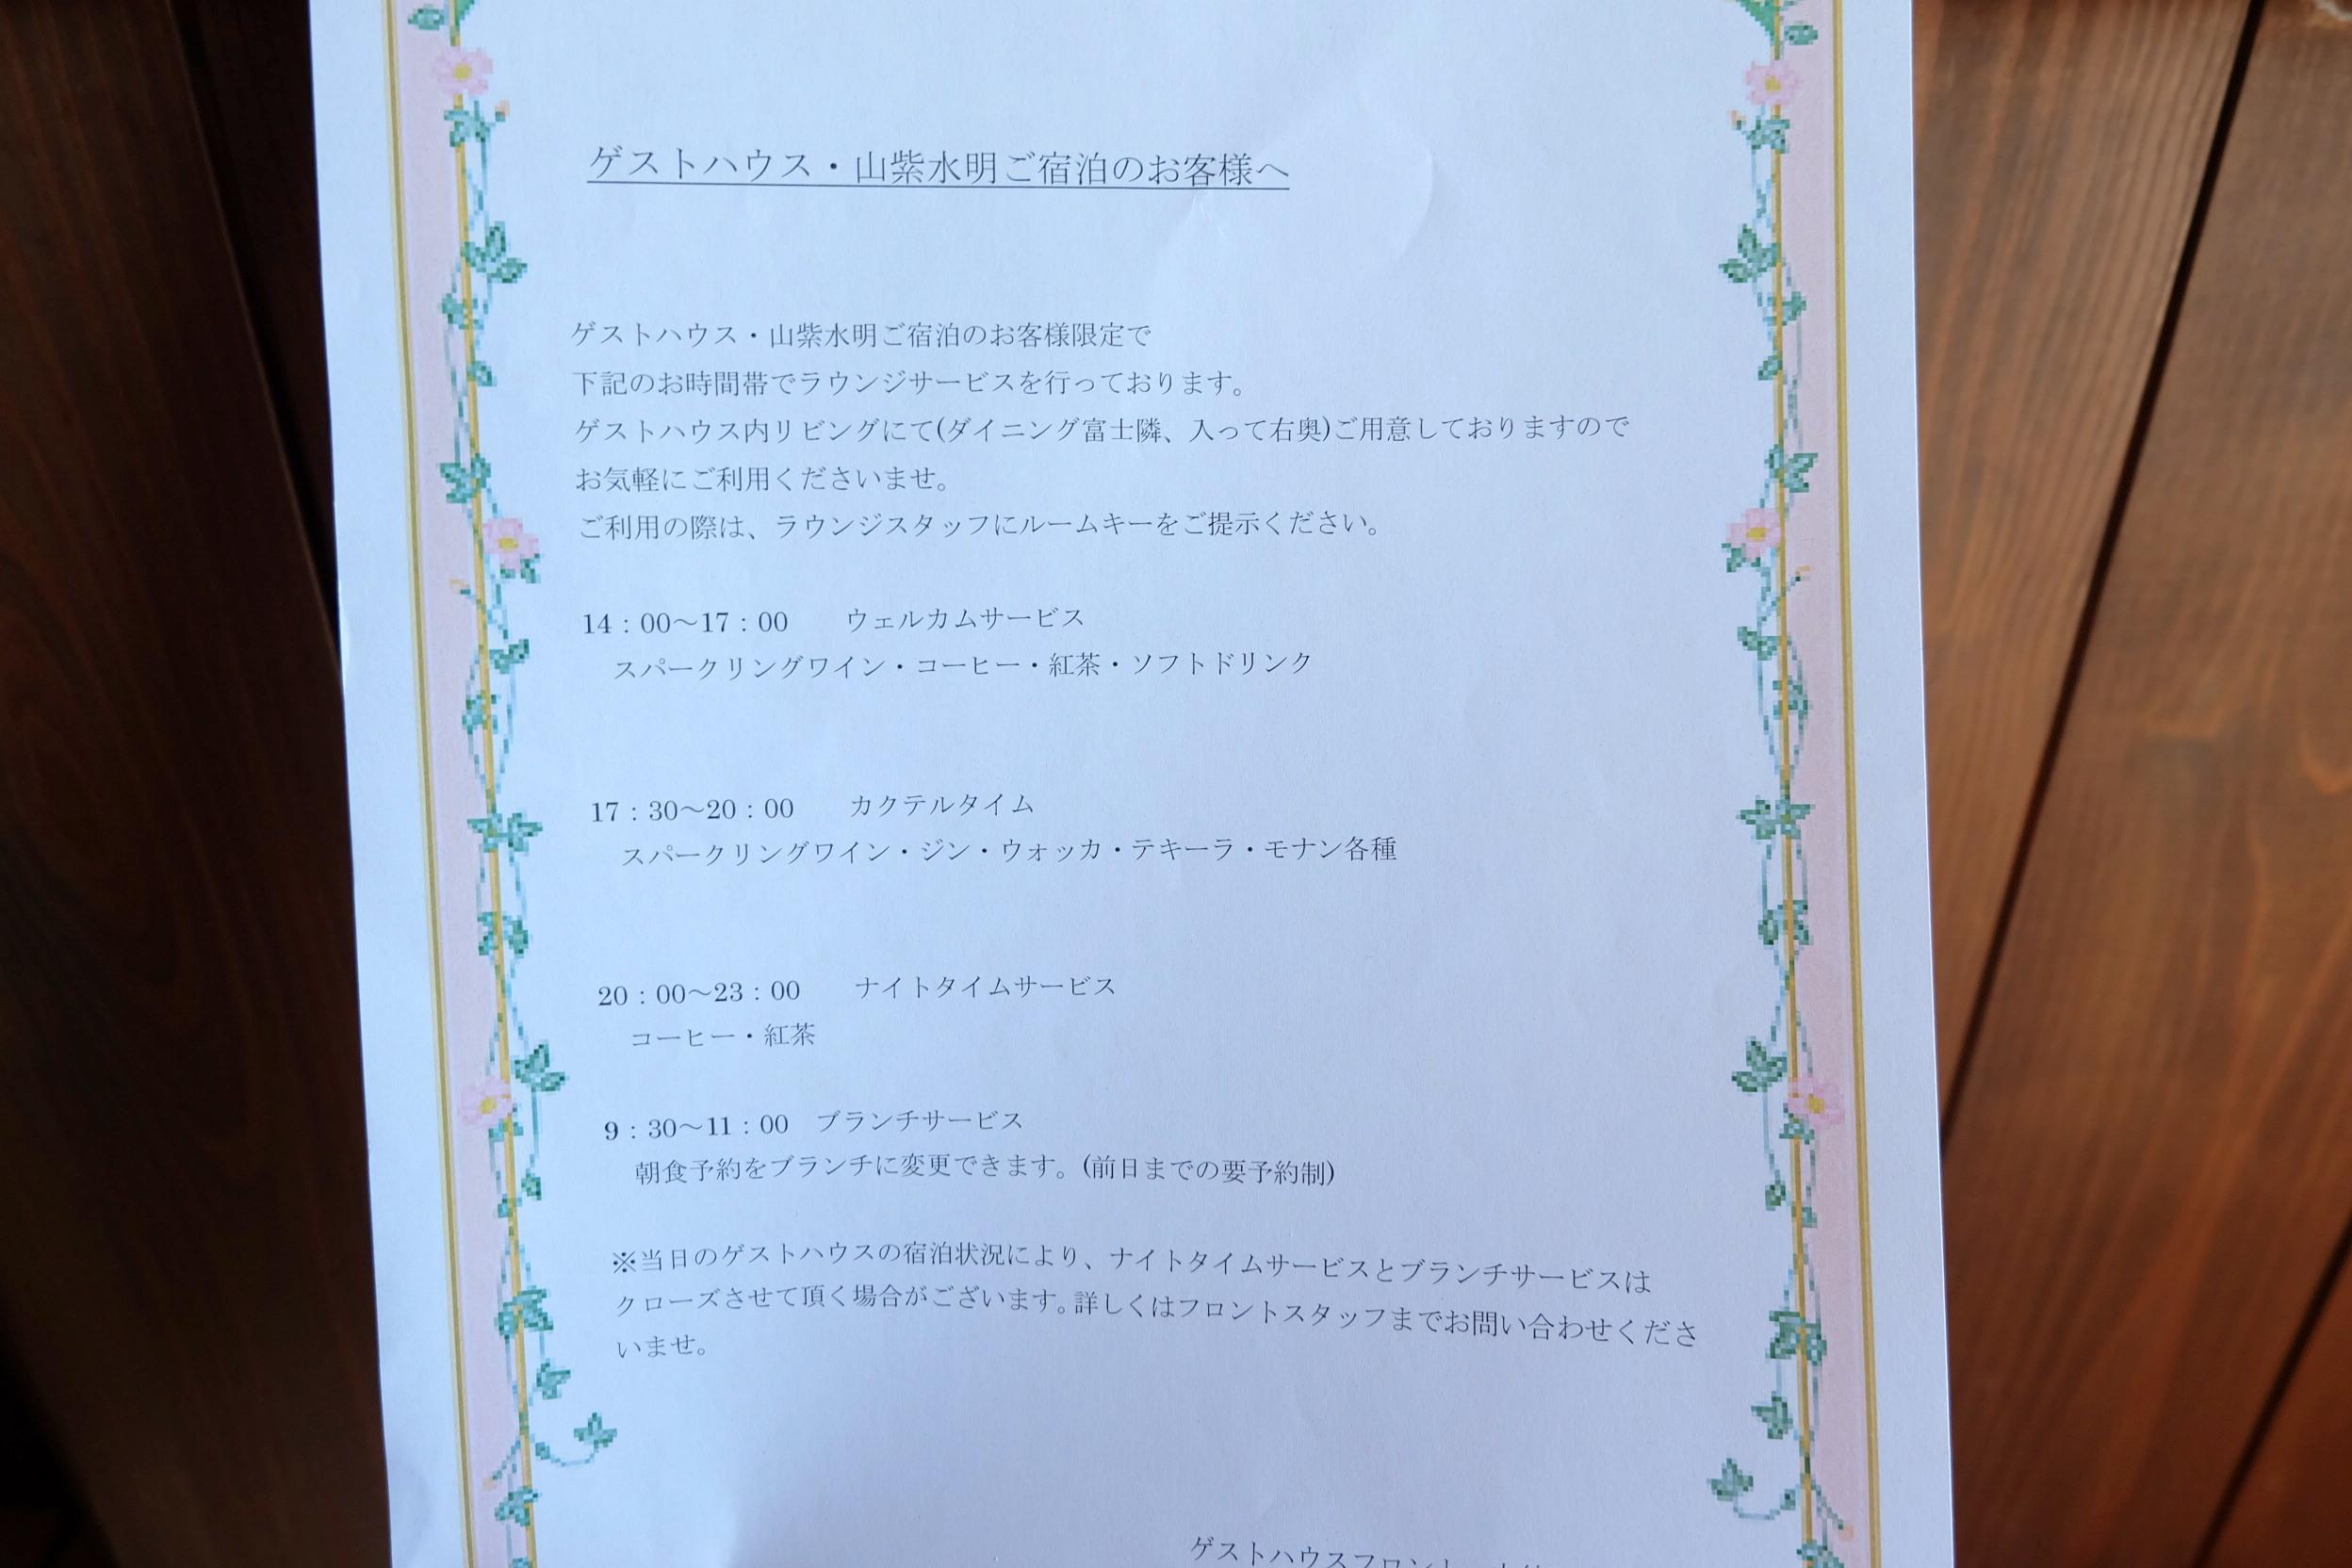 ラフォーレ修善寺ラウンジ10